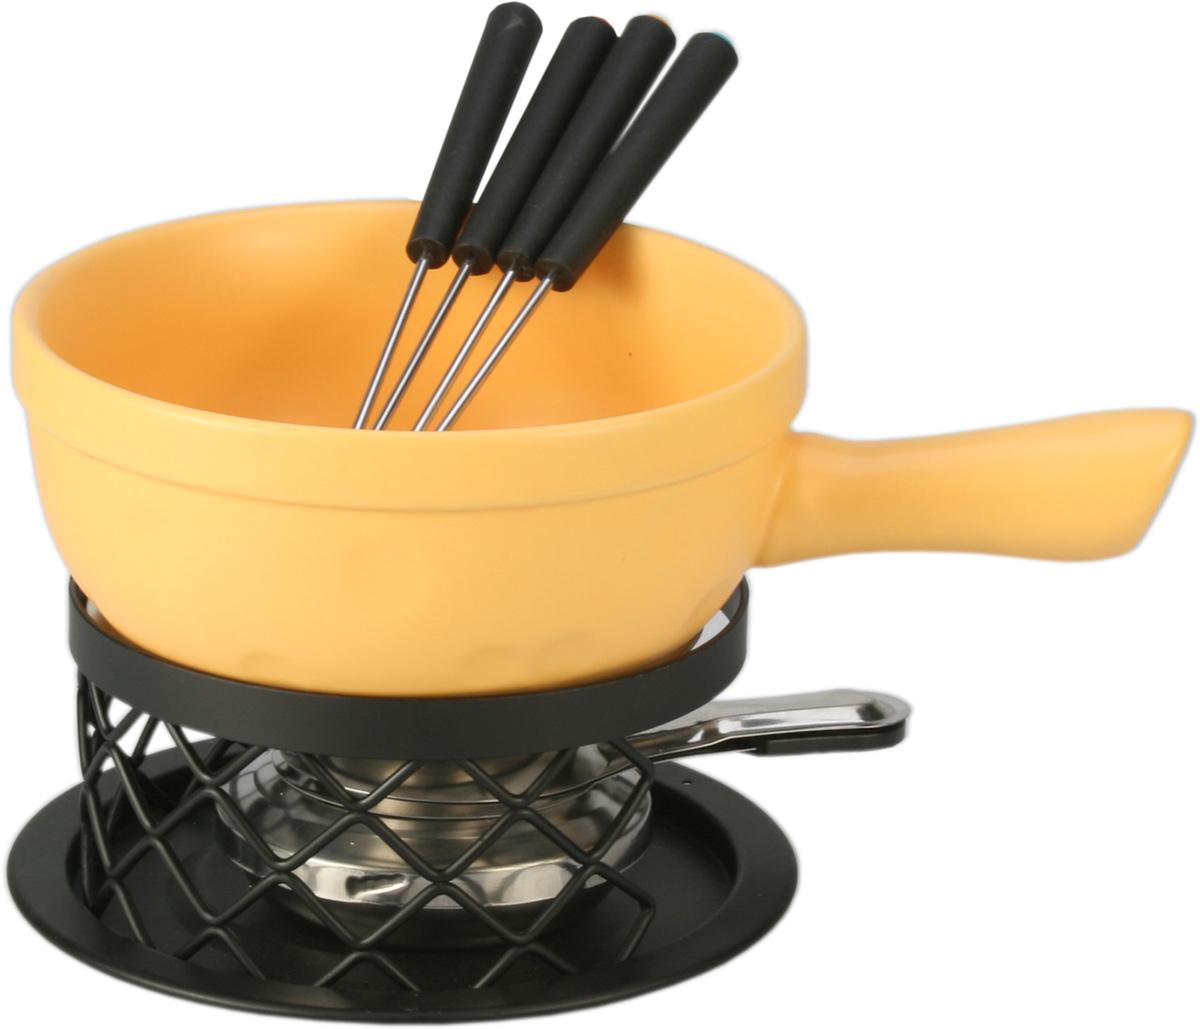 Набор для фондю Fissman Amber, 9 предметов115510Набор для фондю Fissman Amber состоит из керамической миски с ручкой, 4 вилочек, подставки, горелки, алюминиевого диска и тарелки. Такой набор идеален для вечернего застолья в окружении семьи или друзей. Изделие выполнено в теплых уютных тонах и отличается оригинальным дизайном. Используйте этот набор для приготовления сырных или сладких смесей для фондю. Нарежьте кусочки хлеба, мяса, овощей, бананов, клубники, ананаса или зефира на кубики. Этот универсальный набор позволит каждому из ваших гостей насладиться тем продуктом, который ему нравится больше всего. Можно мыть в посудомоечной машине.